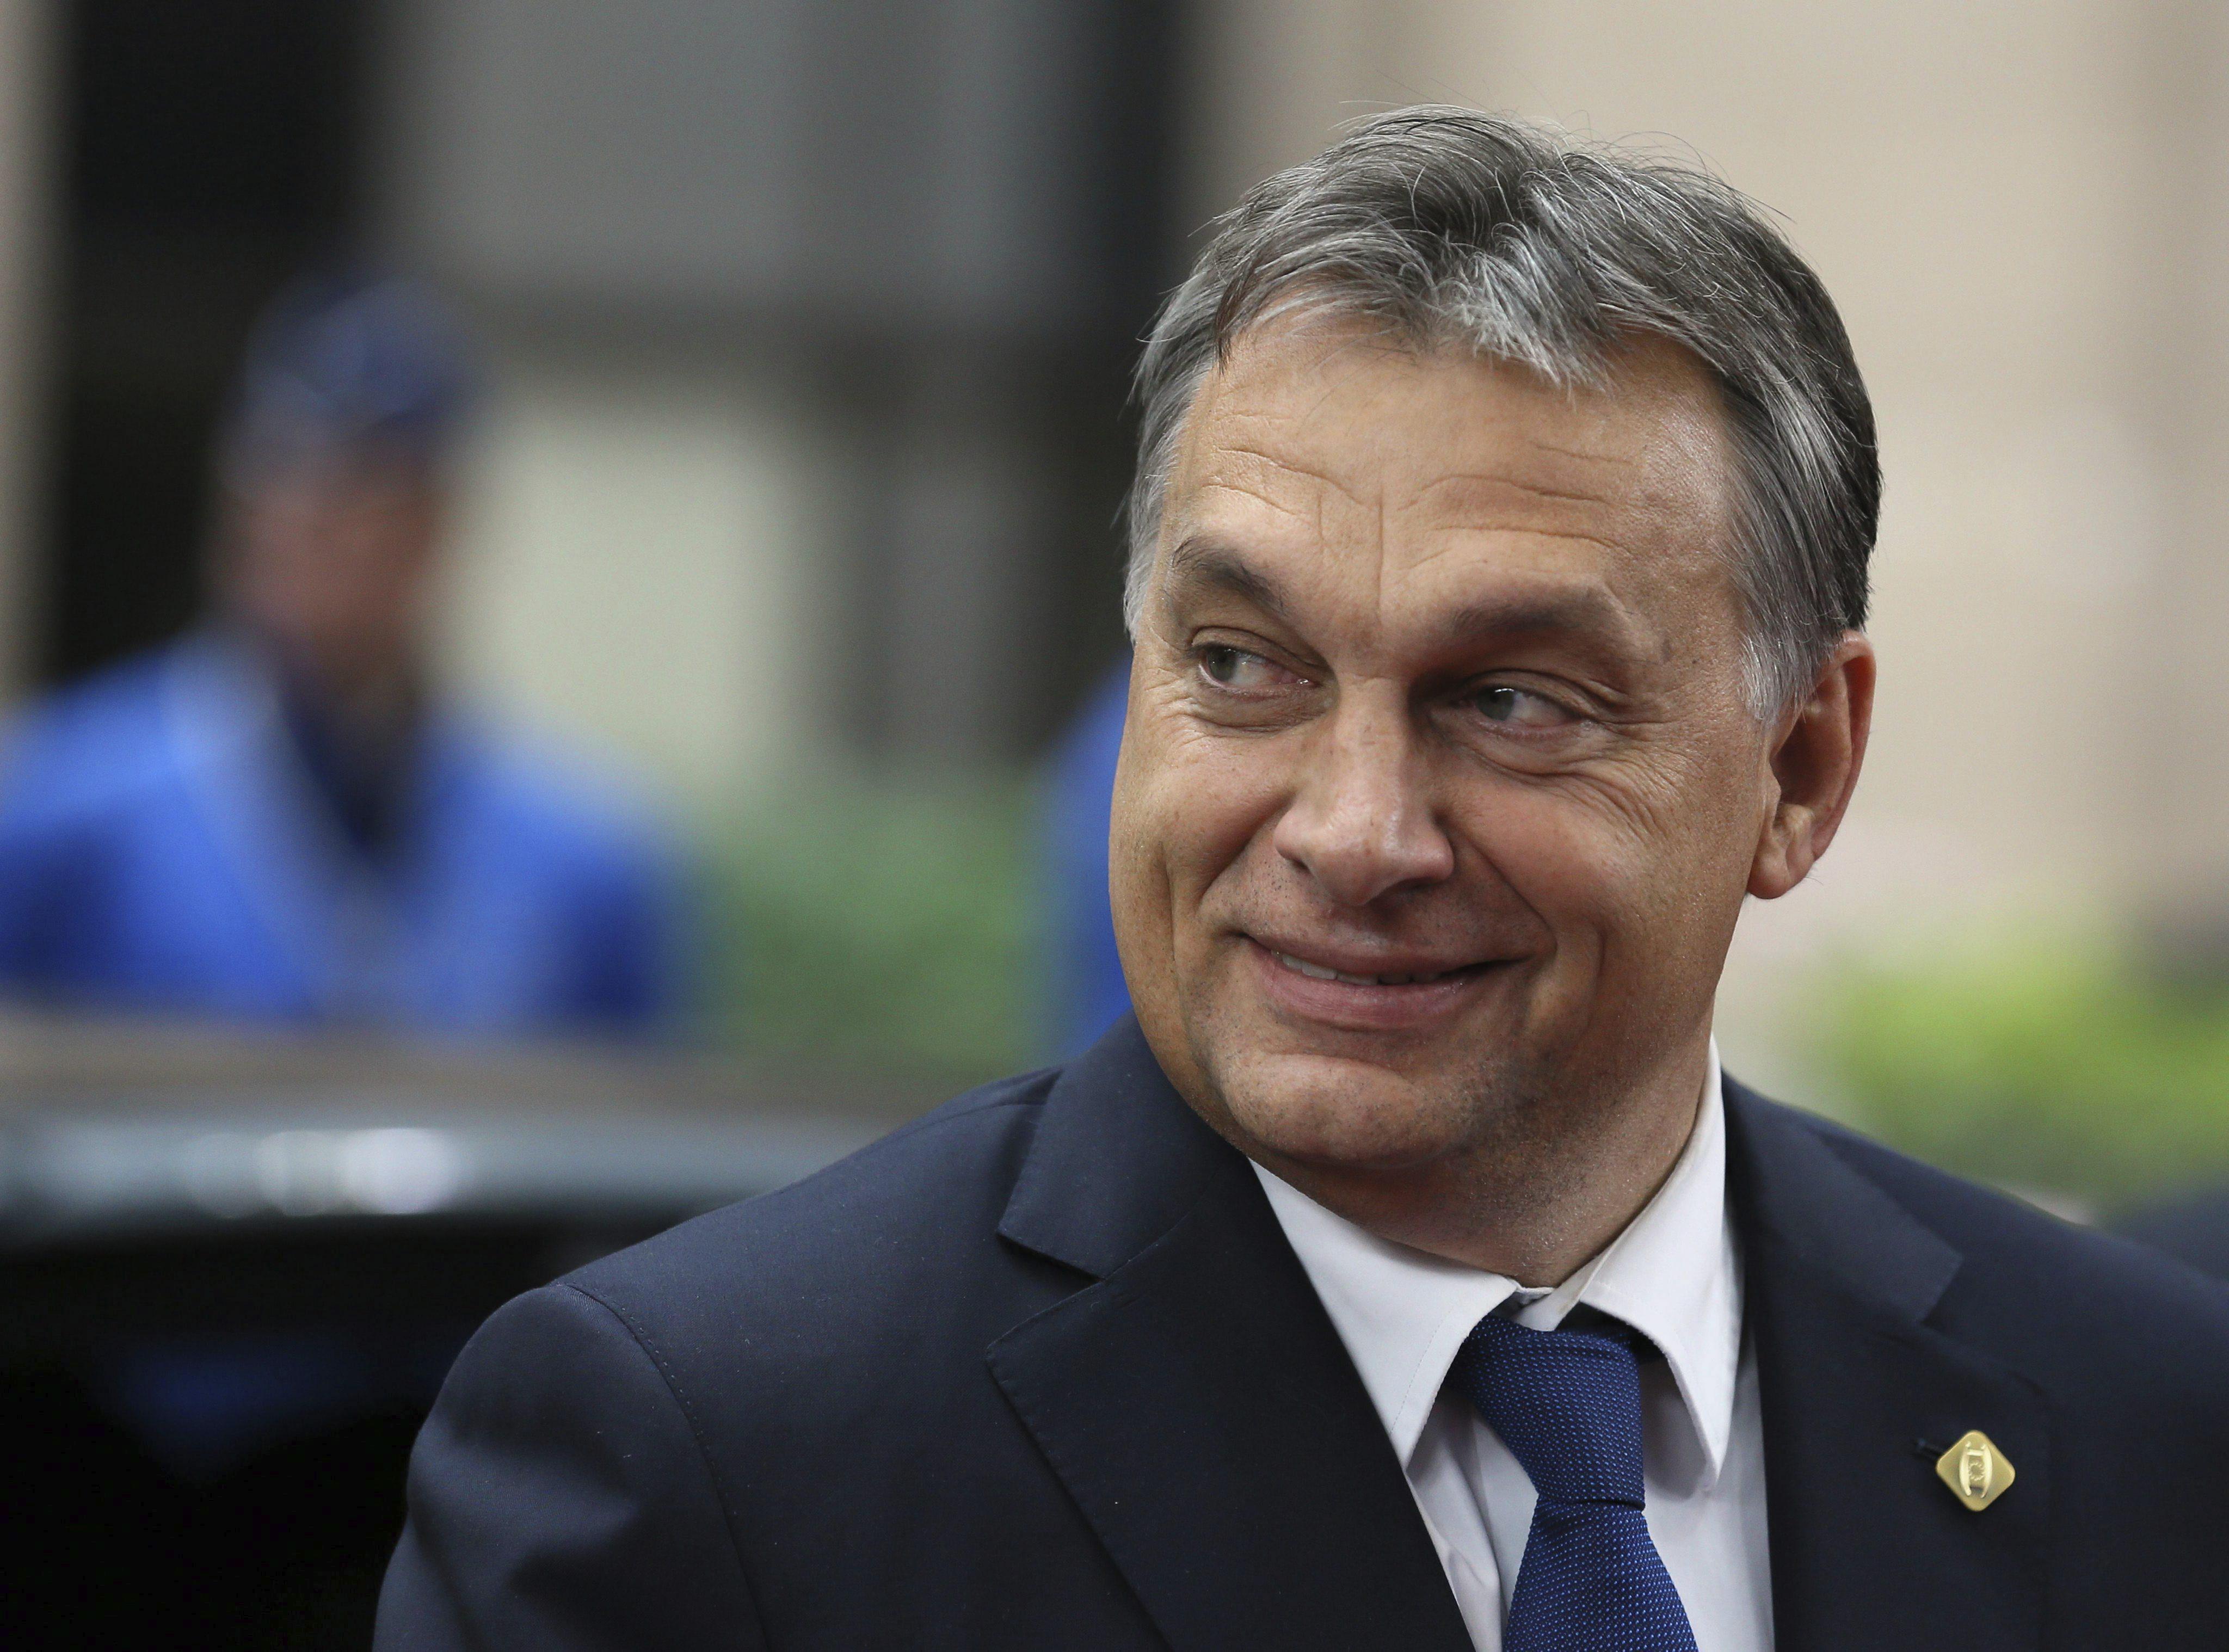 La derecha vuelve a barrer en las parlamentarias de Hungría mientras la izquierda sigue sin arrancar